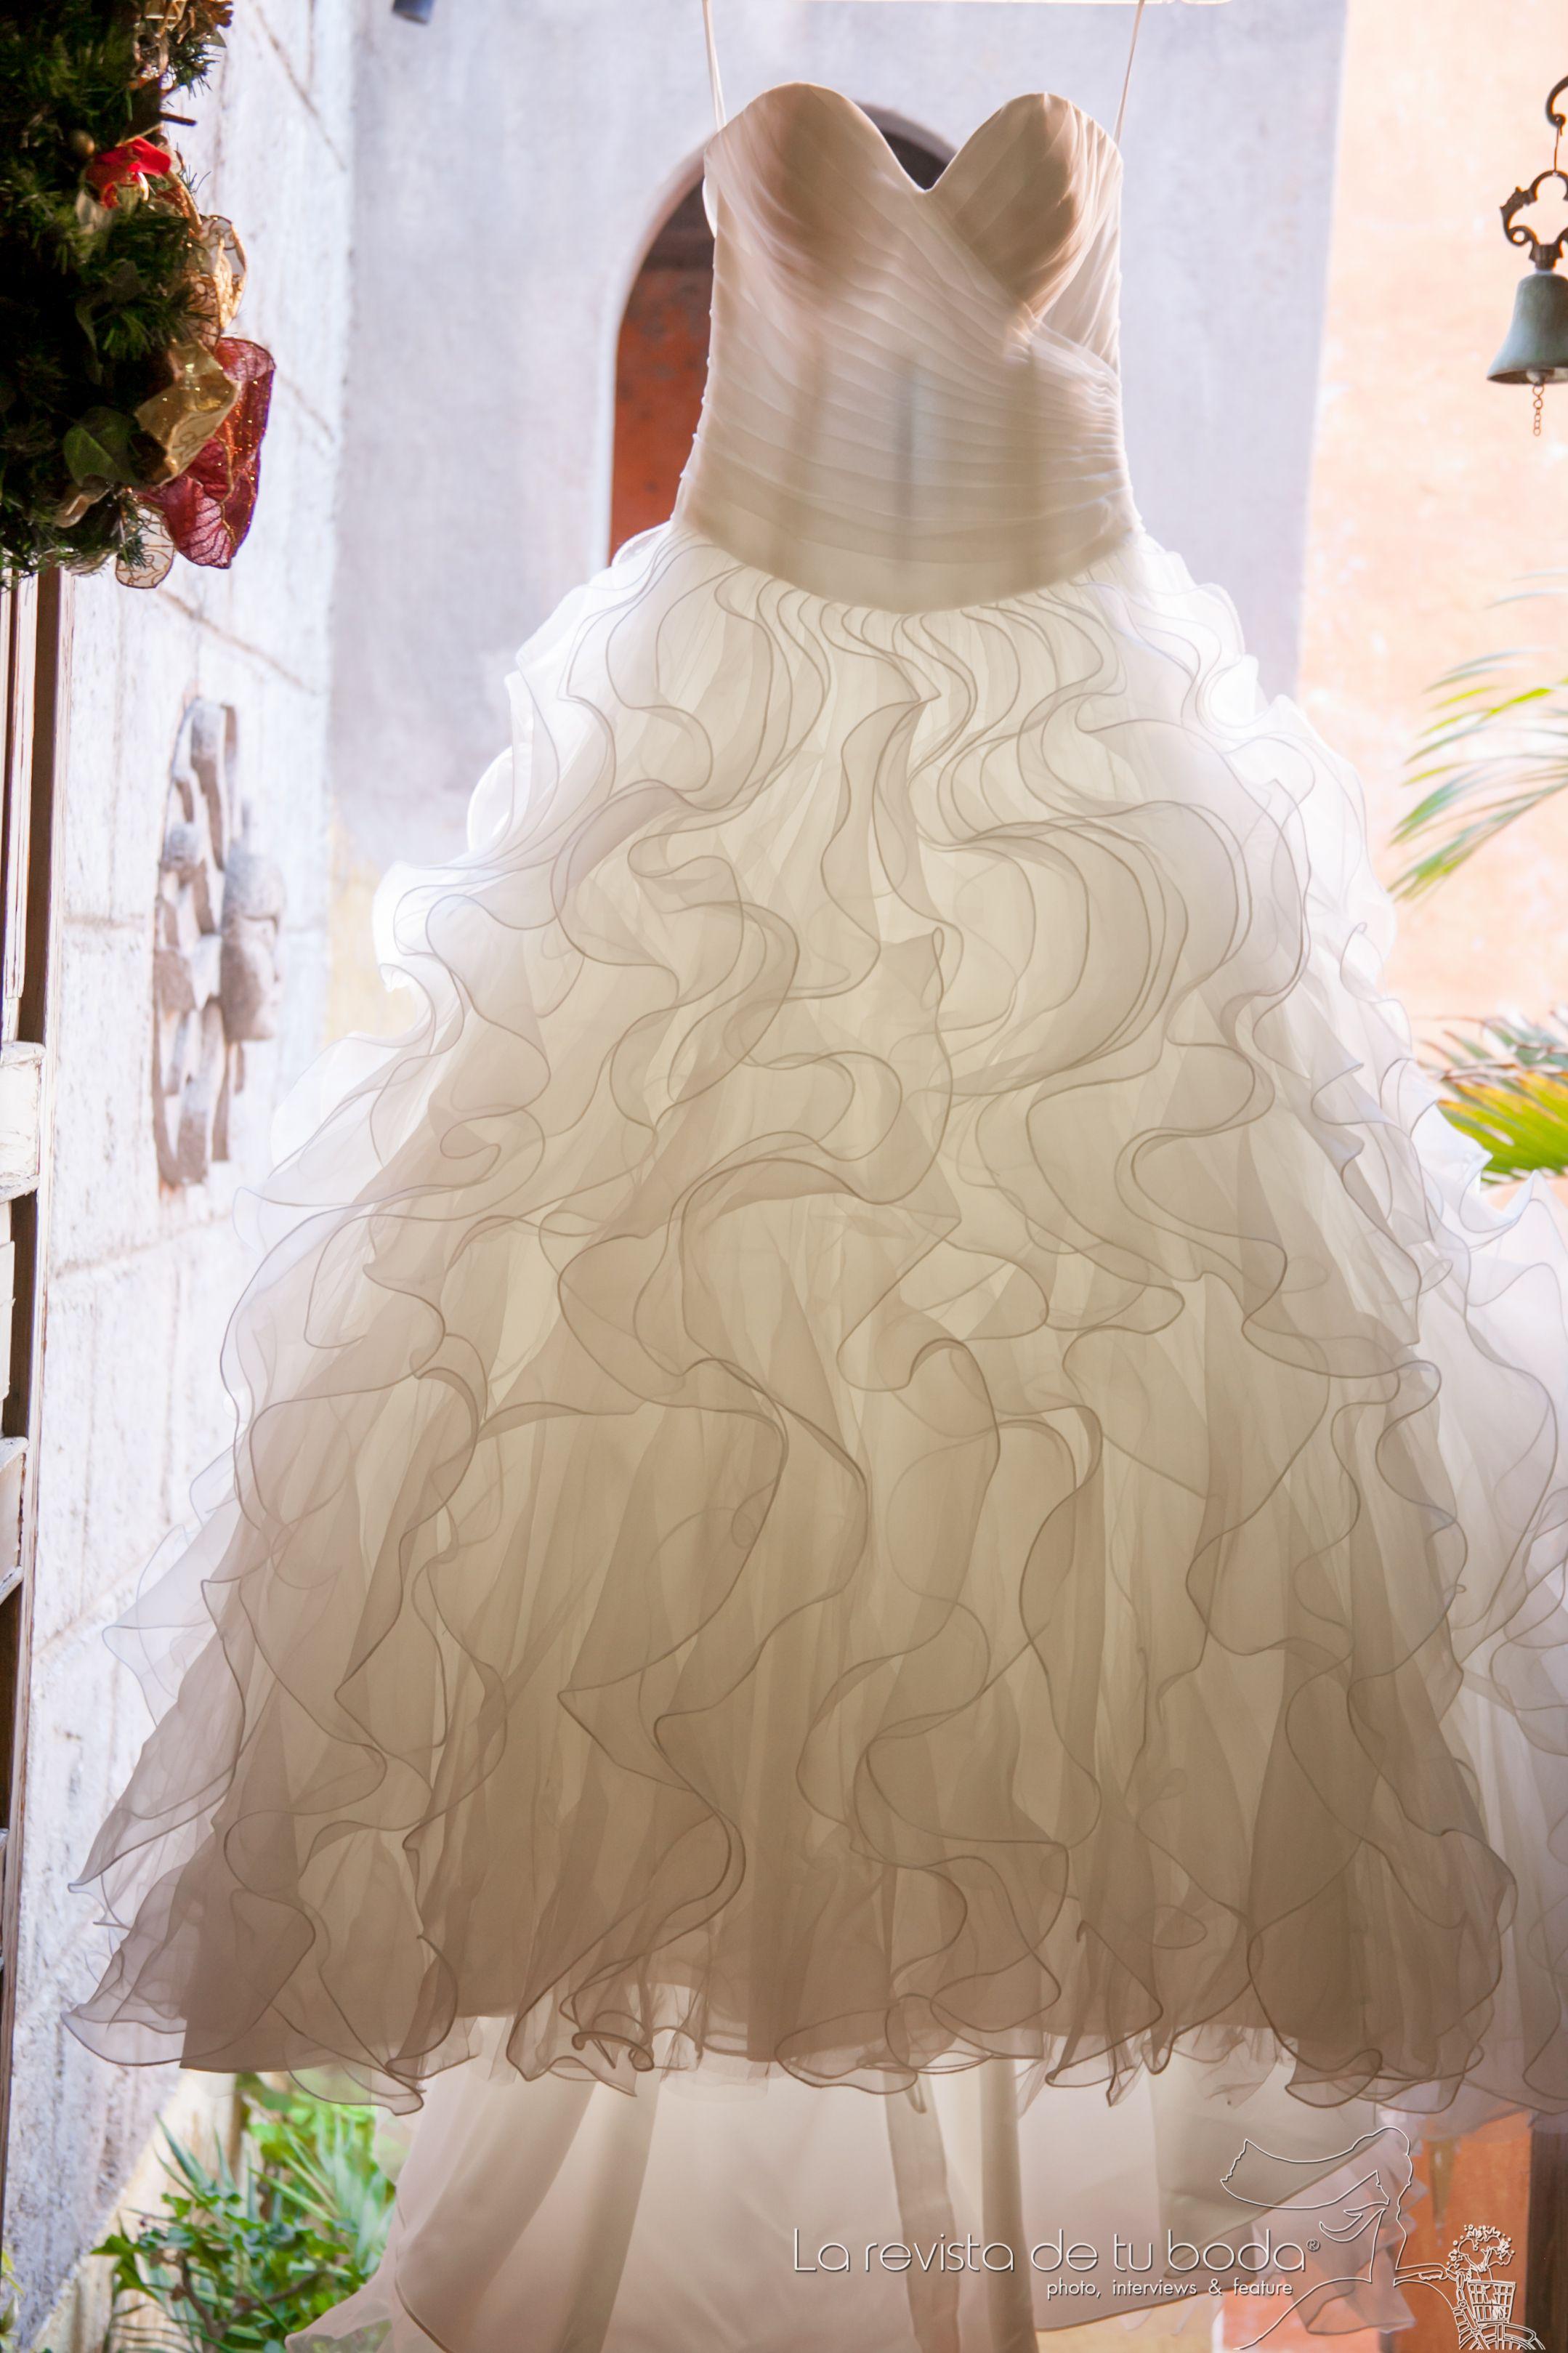 ¡Nuevo vestido publicado!  Mori Lee mod. 4816 ¡por sólo $6300! ¡Ahorra un 50%!   http://www.weddalia.com/mx/tienda-vender-vestido-de-novia/mori-lee-mod-4816/ #VestidosDeNovia vía www.weddalia.com/mx